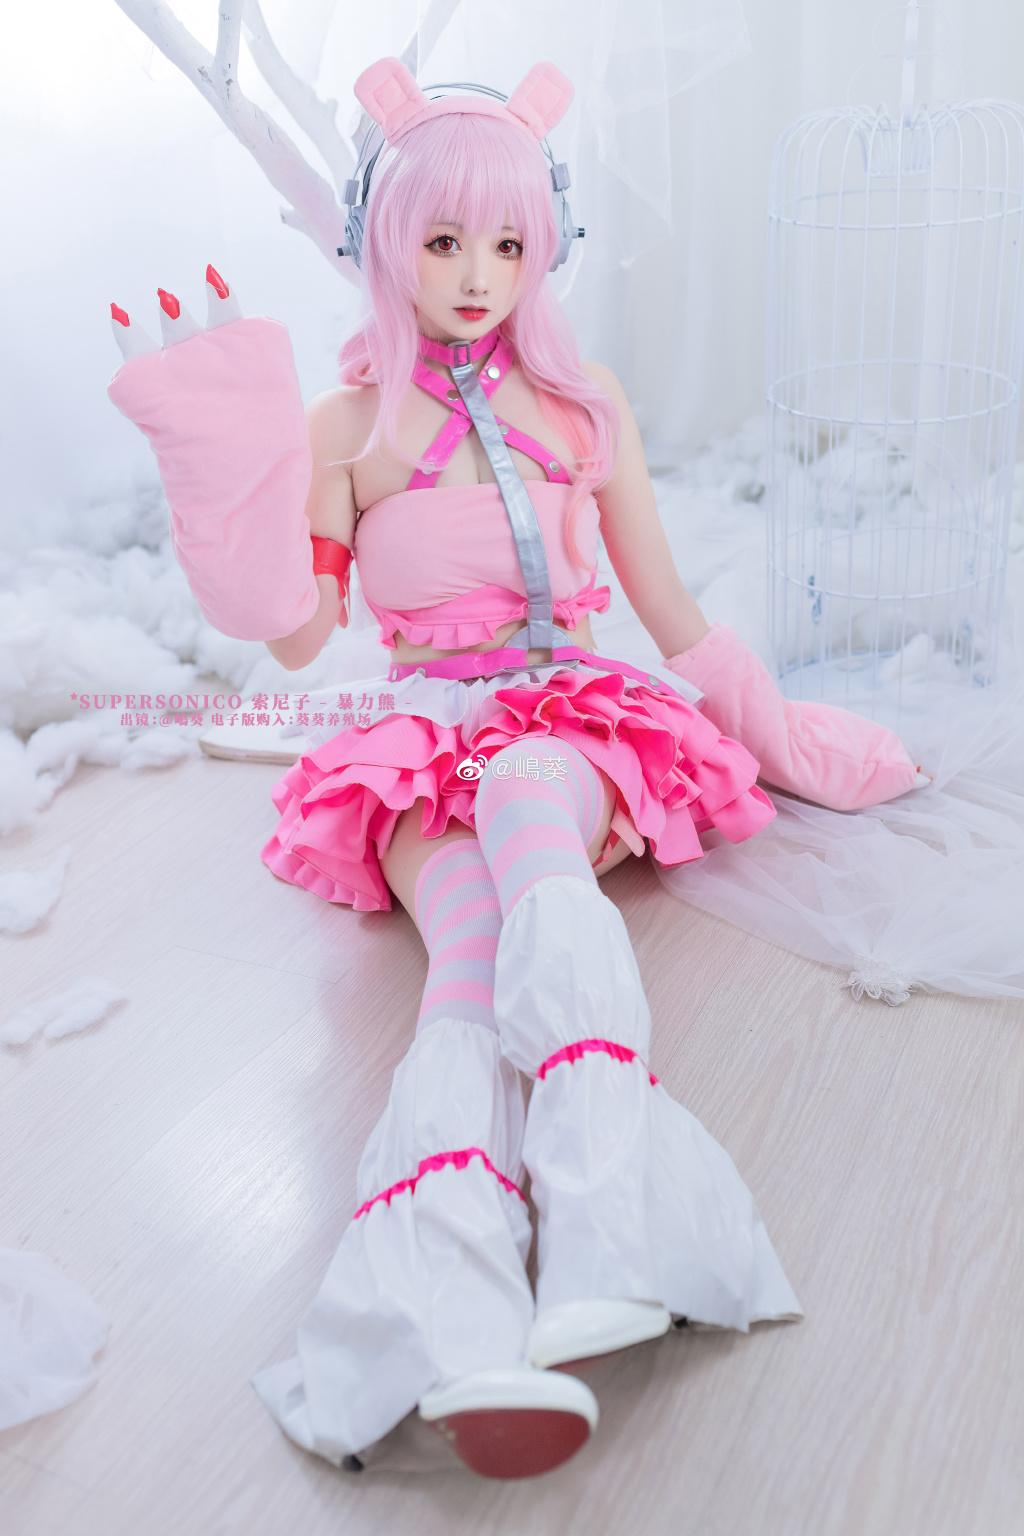 今日妹子图 20200520 圆脸二次元cosplay妹子 @嶋葵 liuliushe.net六六社 第3张